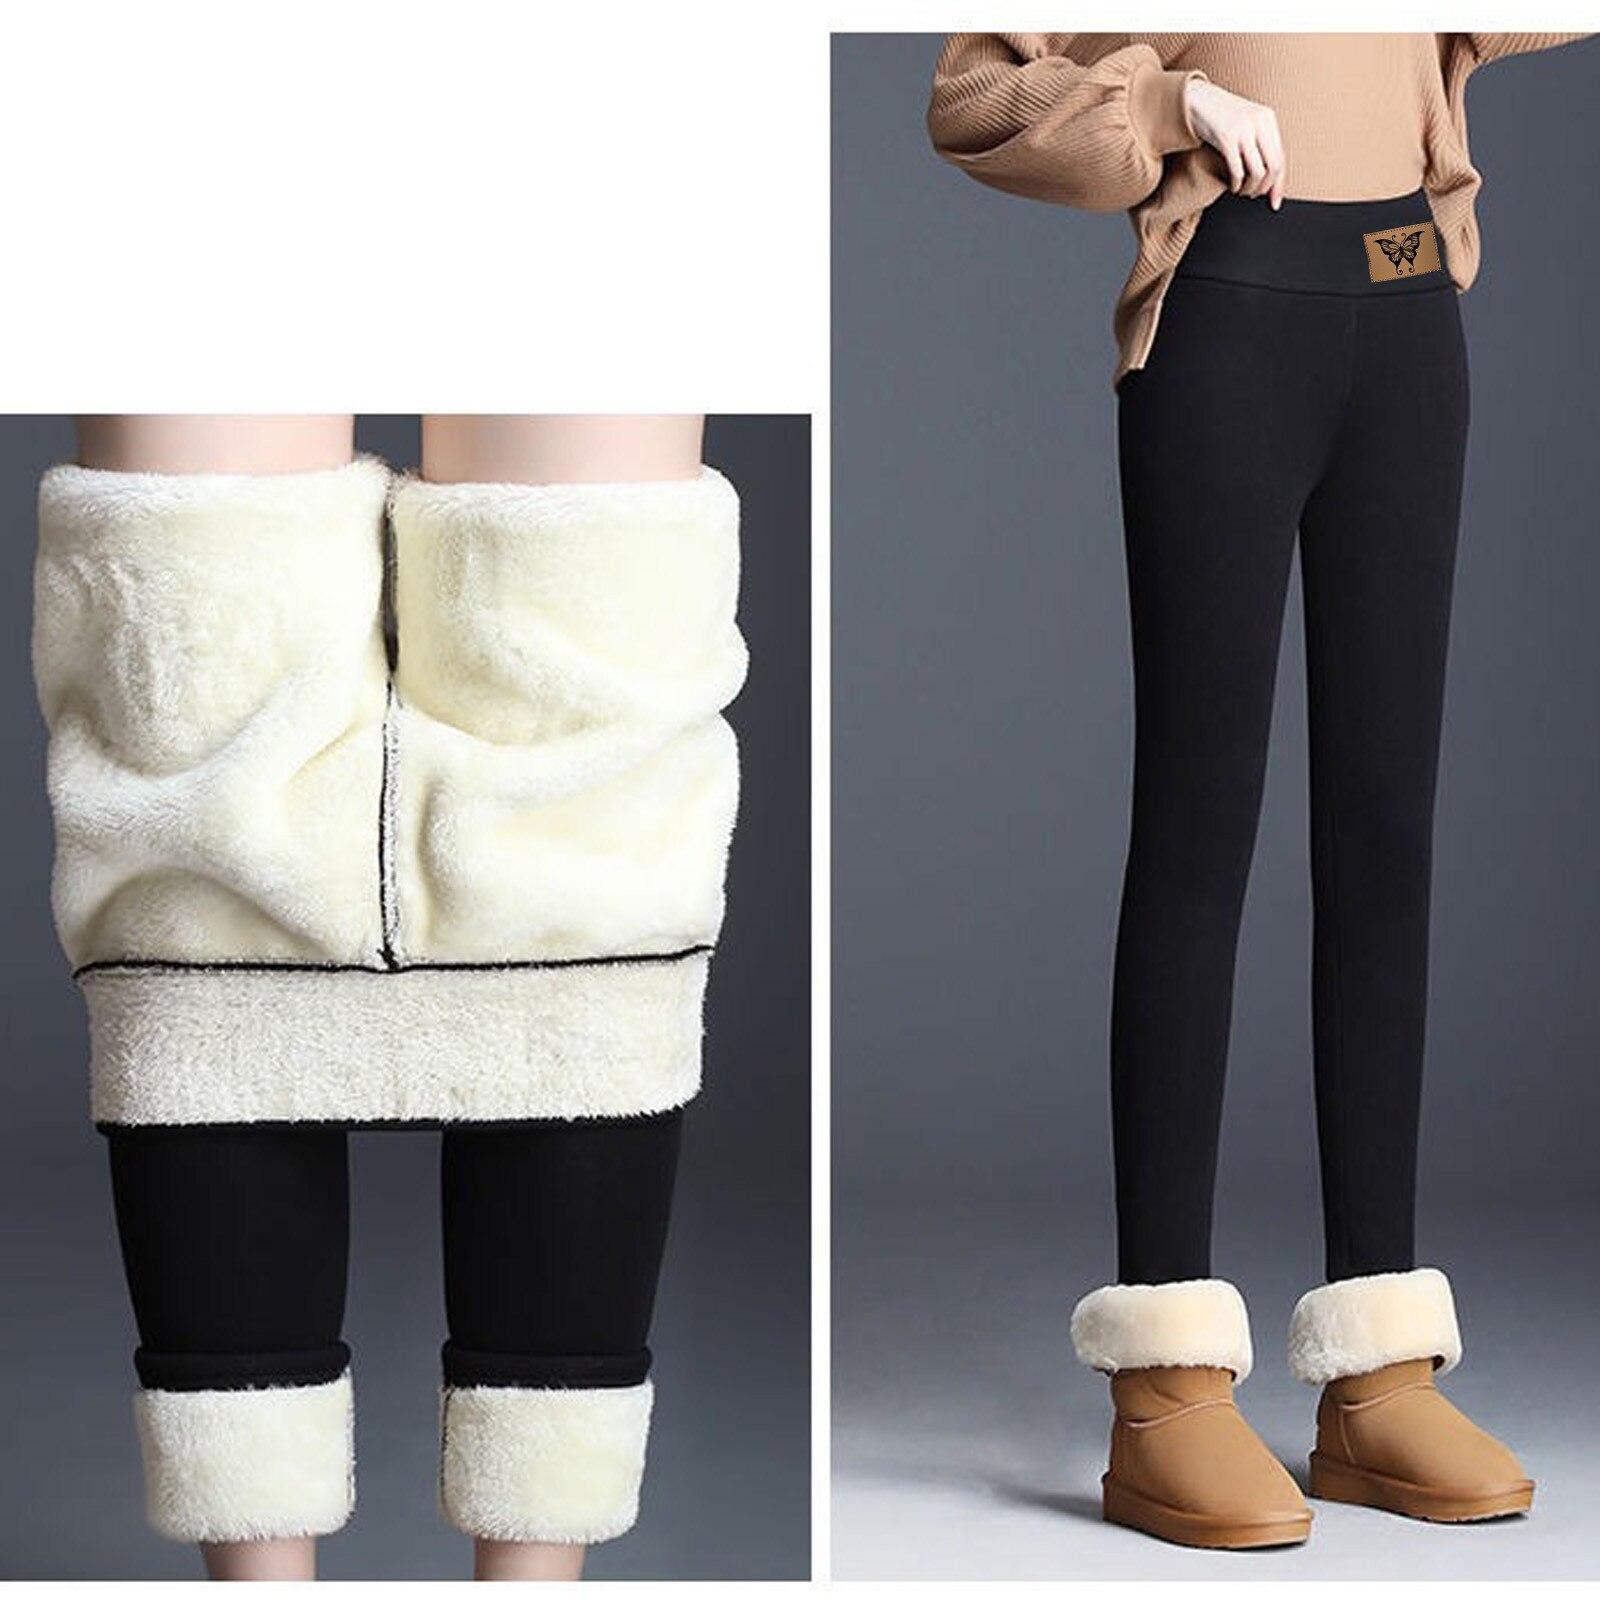 Mallas gruesas elásticas para mujer, pantalones de cintura alta, ajustados, de terciopelo, para invierno, 2020